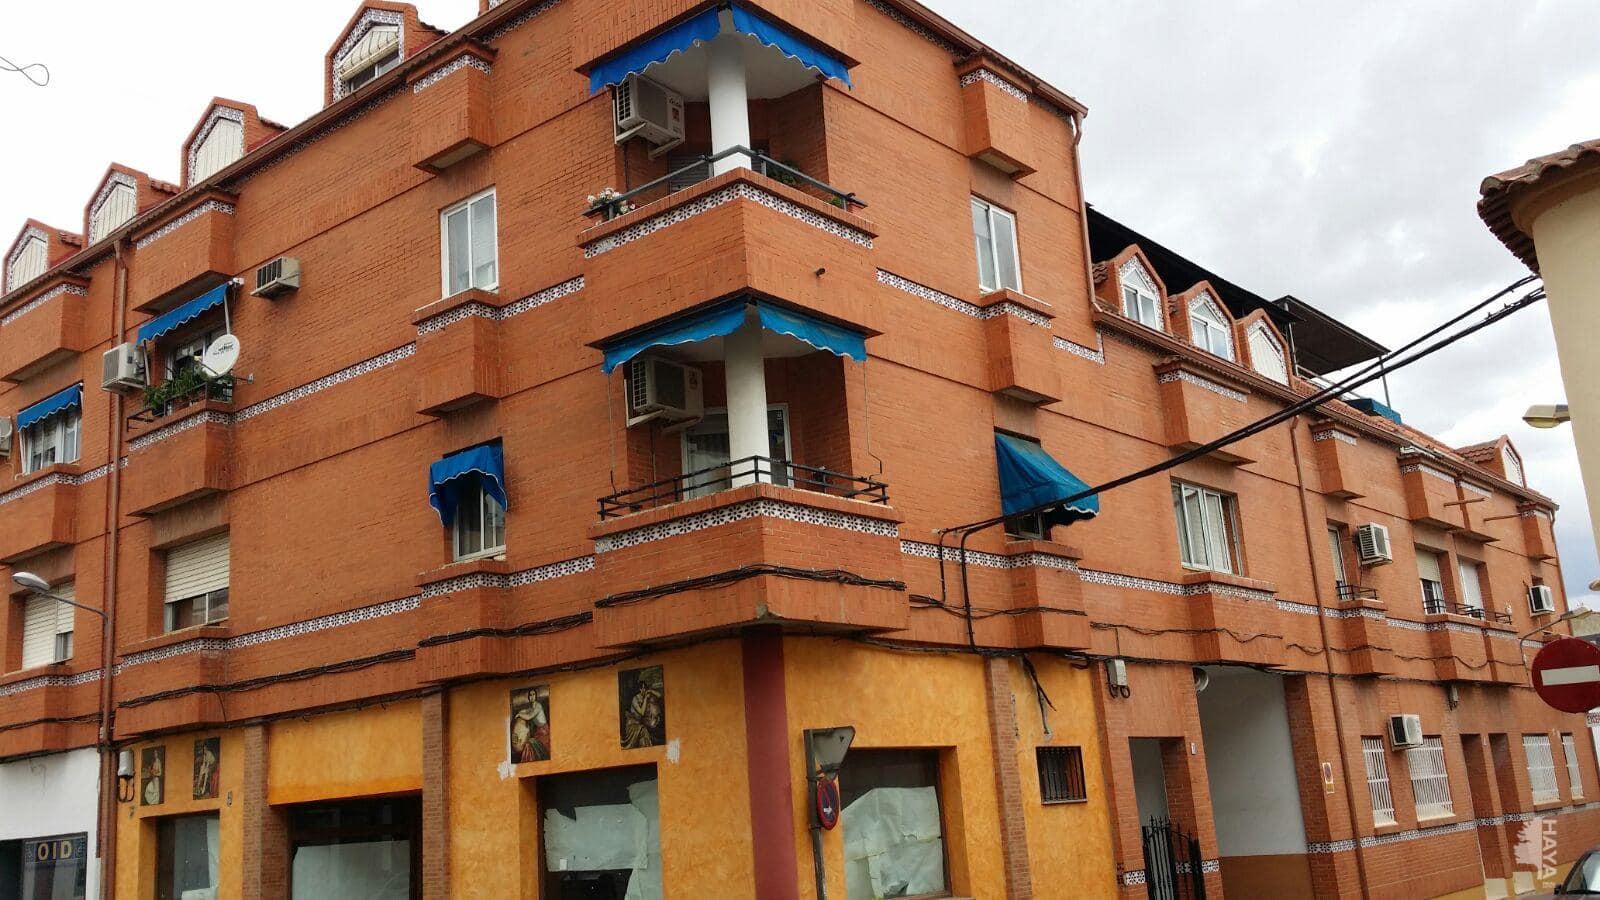 Piso en venta en Villanueva de la Serena, Badajoz, Calle Magacela, 70.000 €, 3 habitaciones, 1 baño, 82 m2